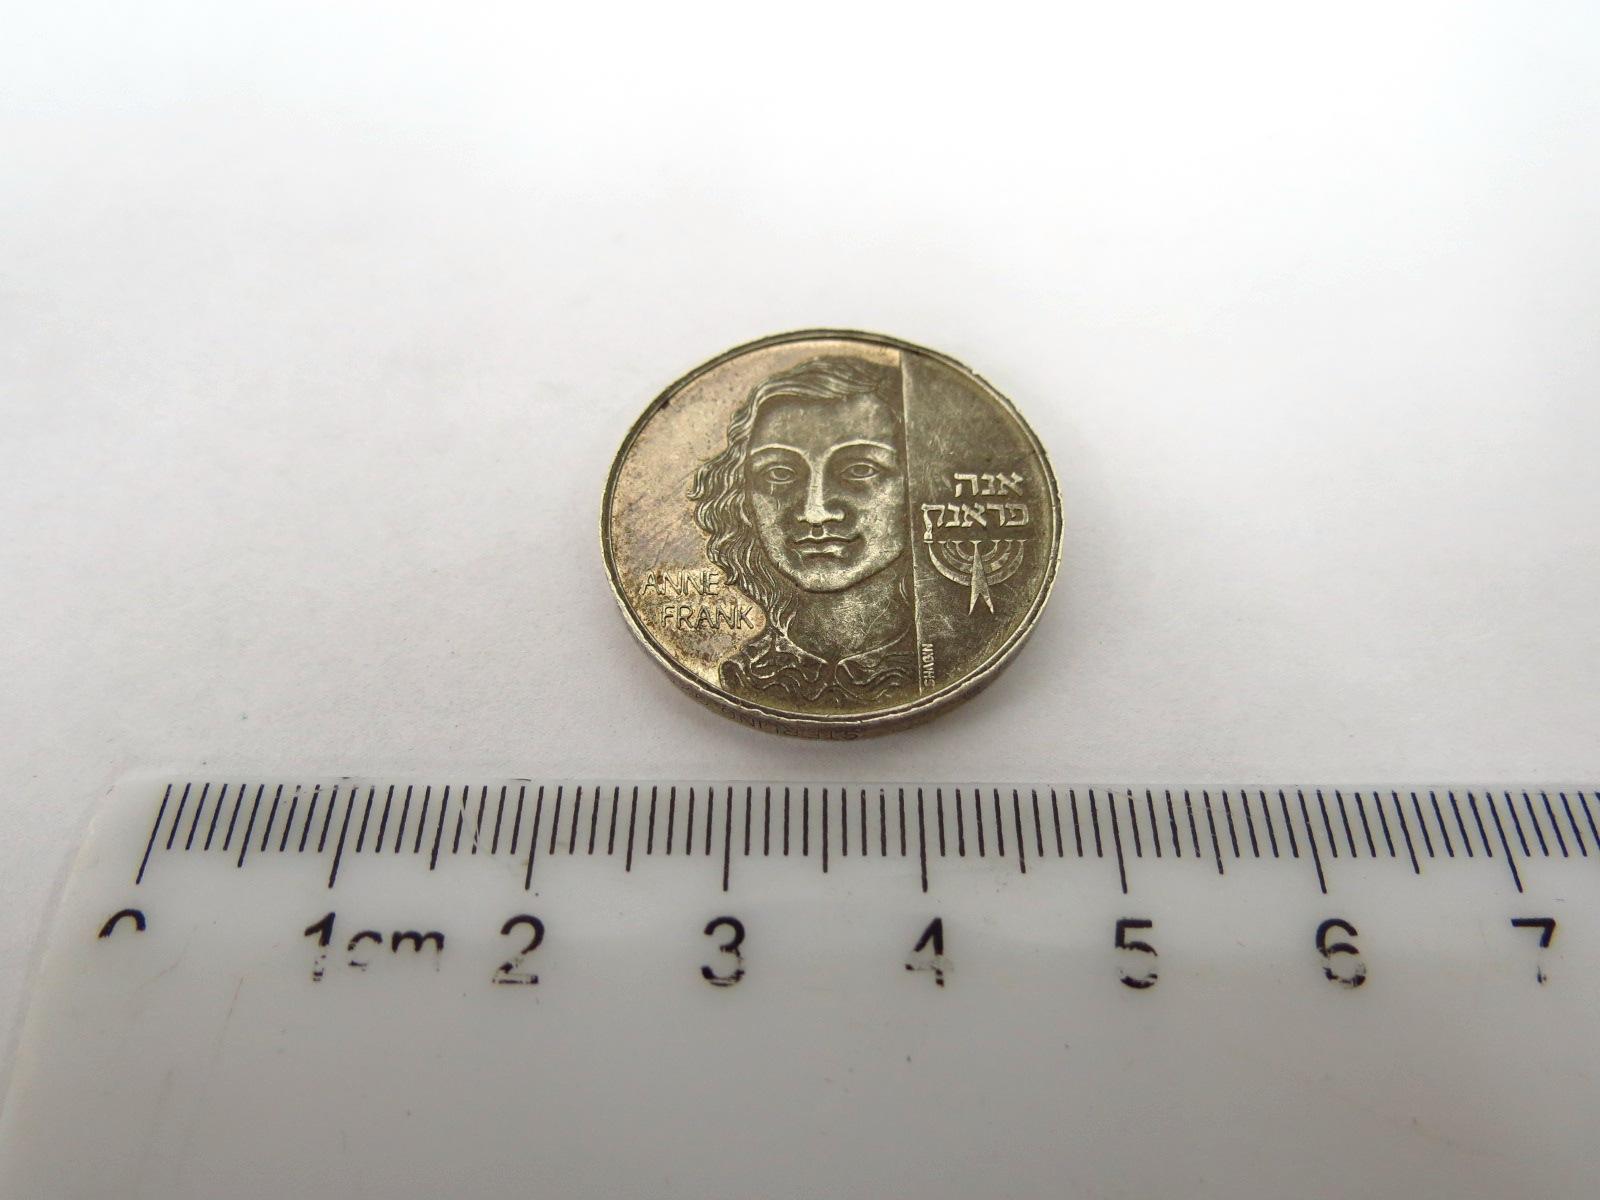 מדלית כסף 935, אנה פרנק 1933-1945